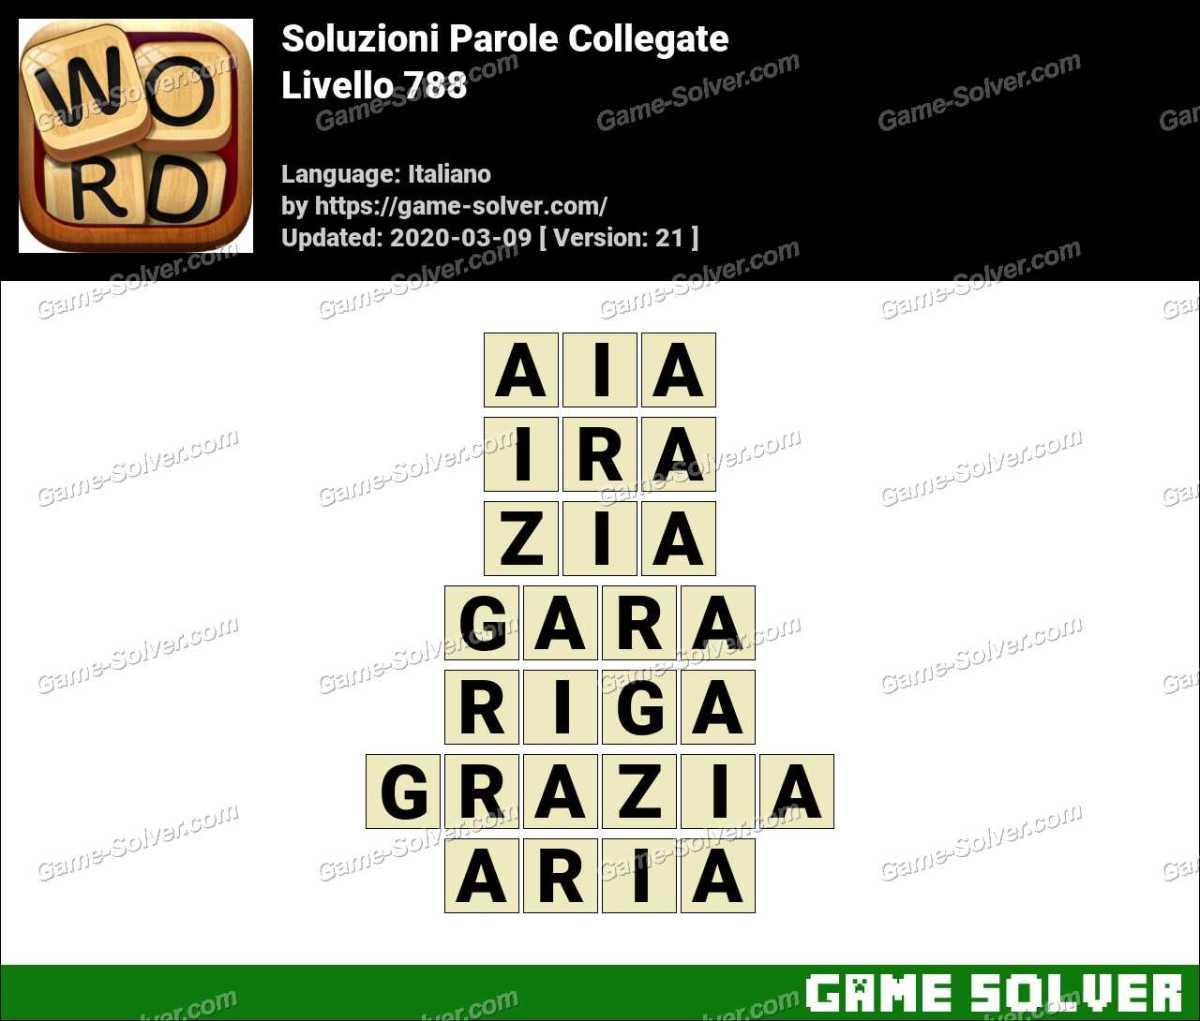 Soluzioni Parole Collegate Livello 788